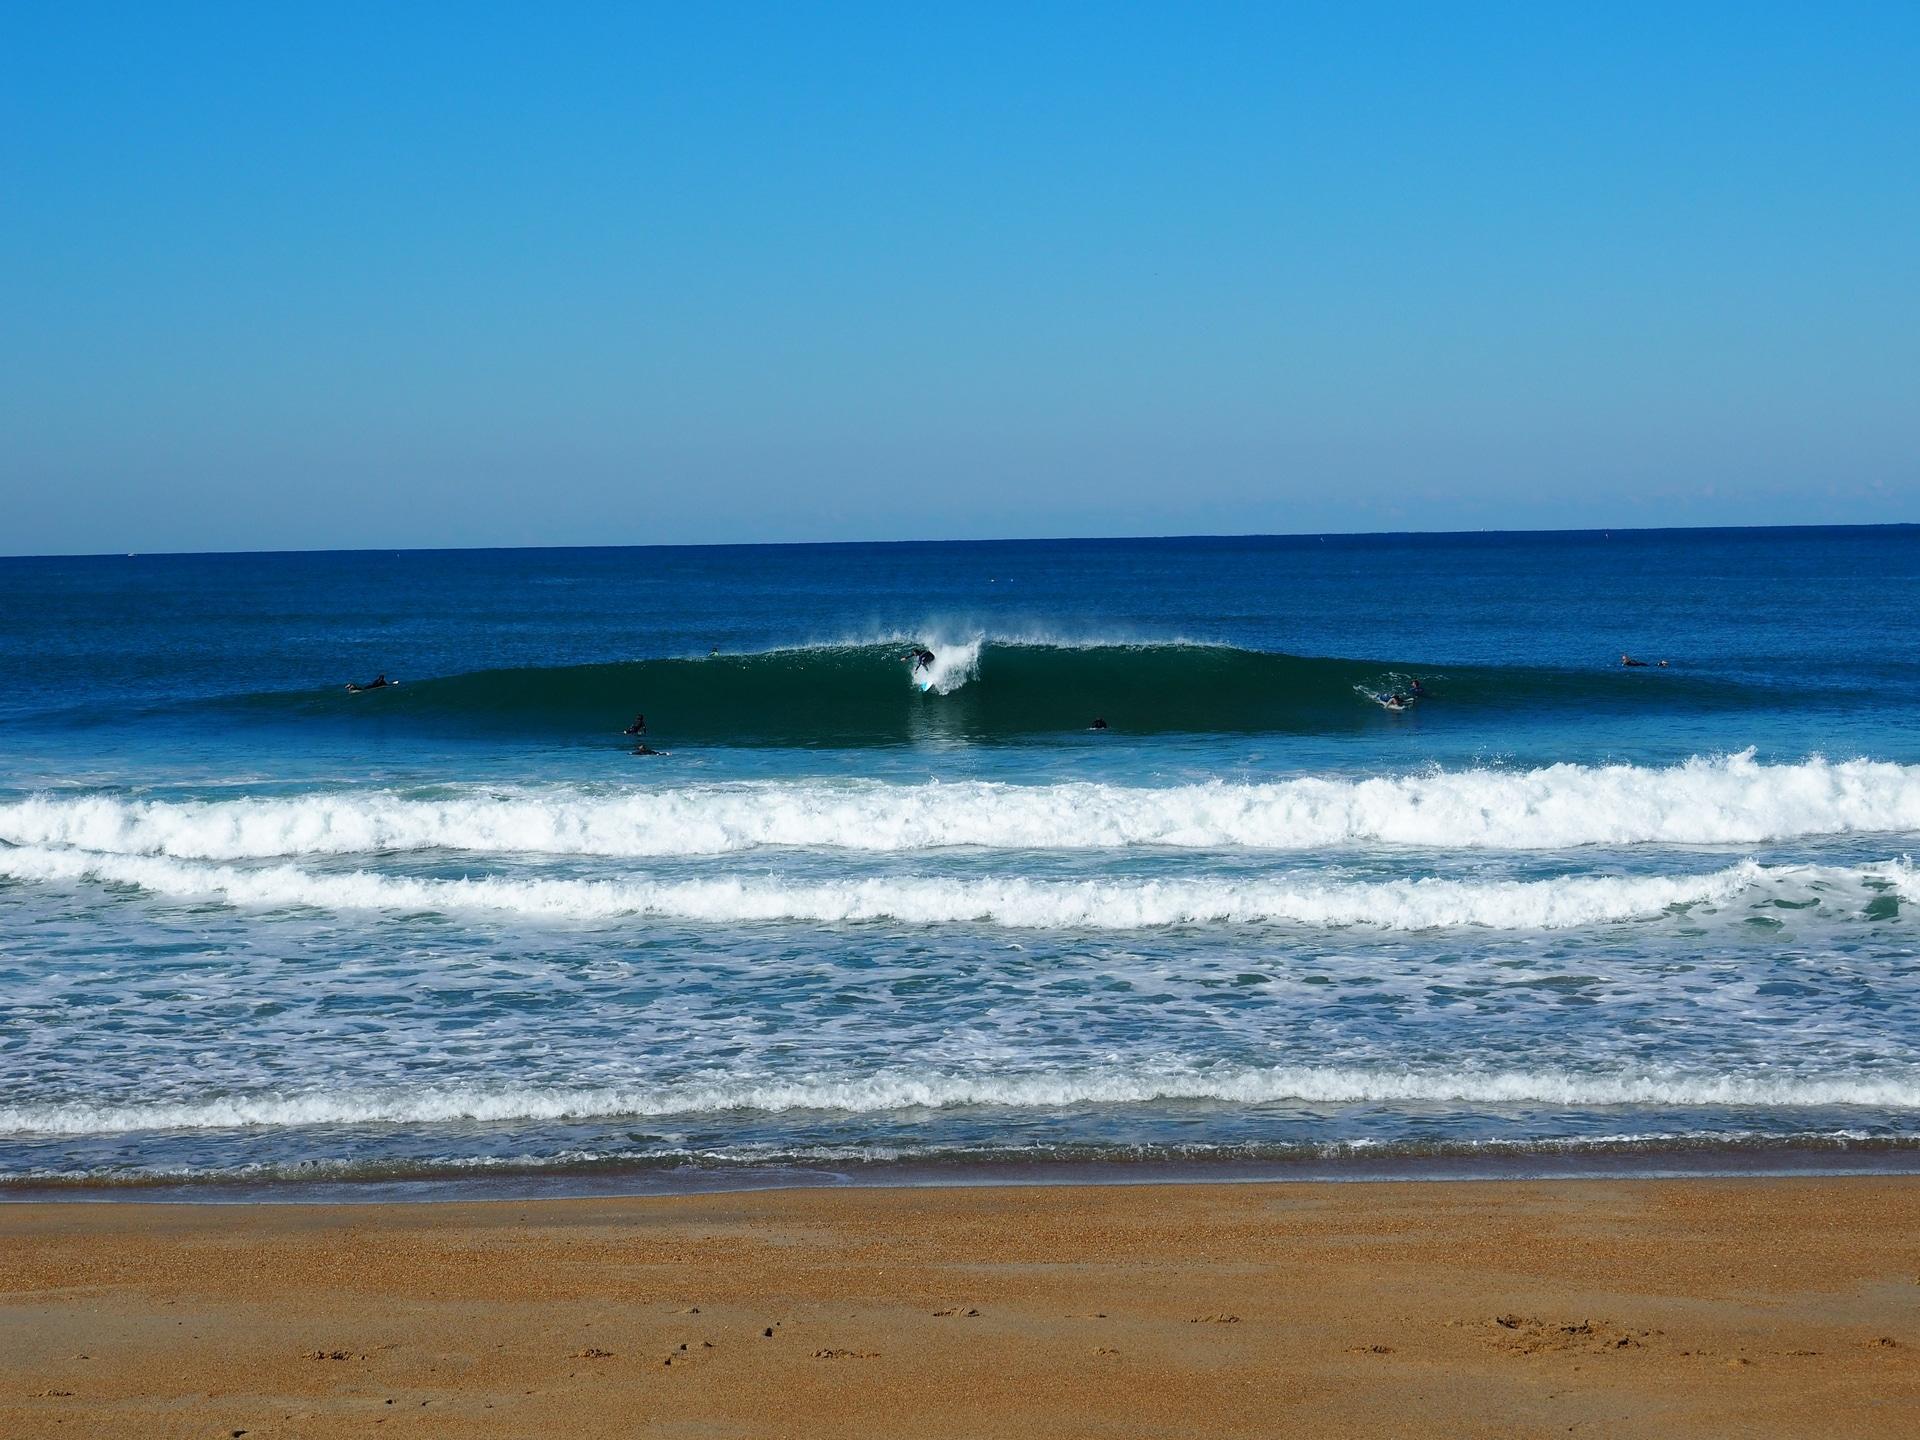 Surfeur qui prend une belle vague sur la plage du VVF à Anglet